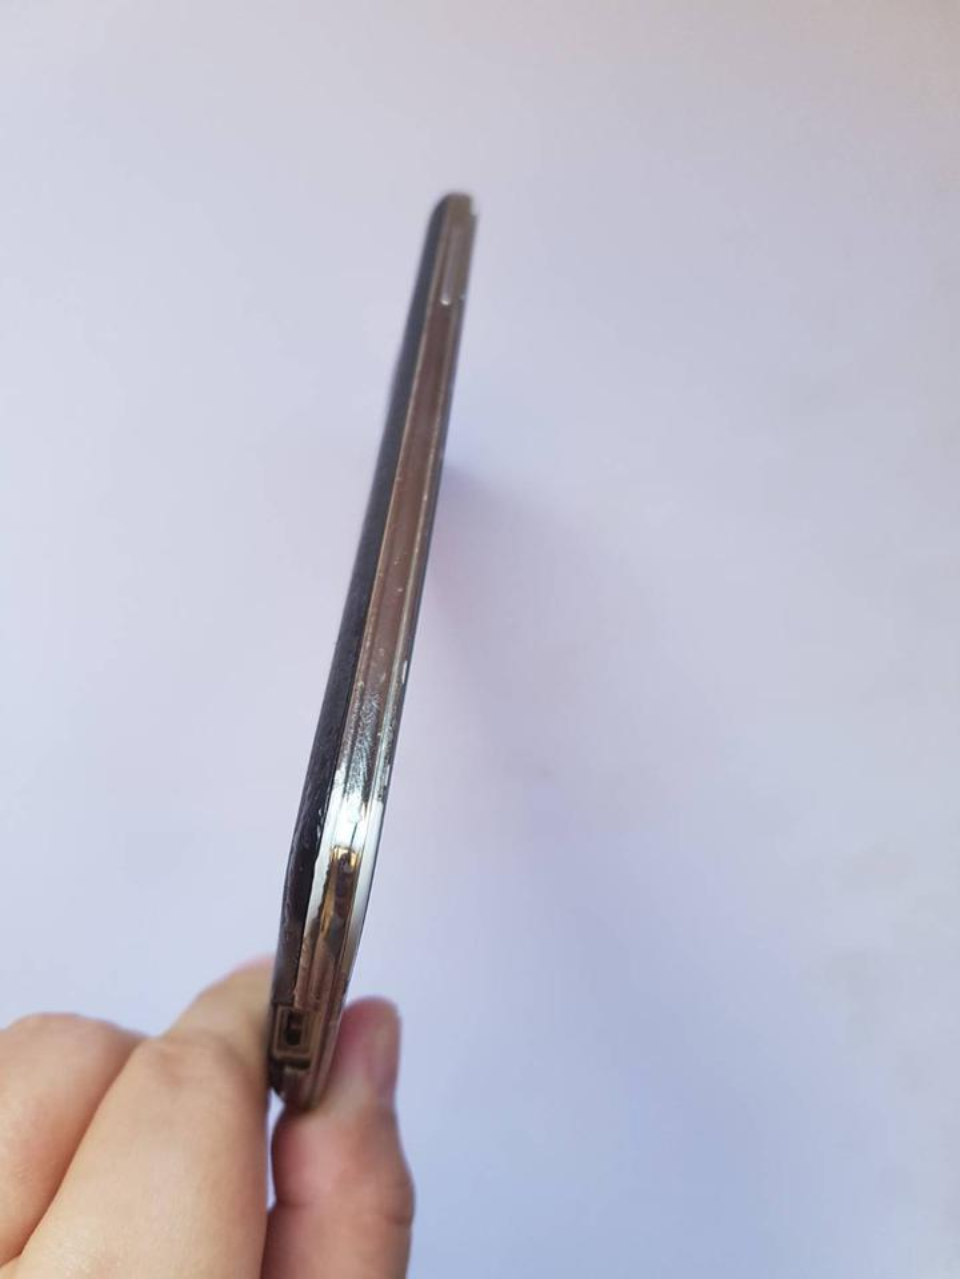 ซัมซุง S5 สีดำ ใช้งานได้ปกติทุกอย่างคะ รูปที่ 2